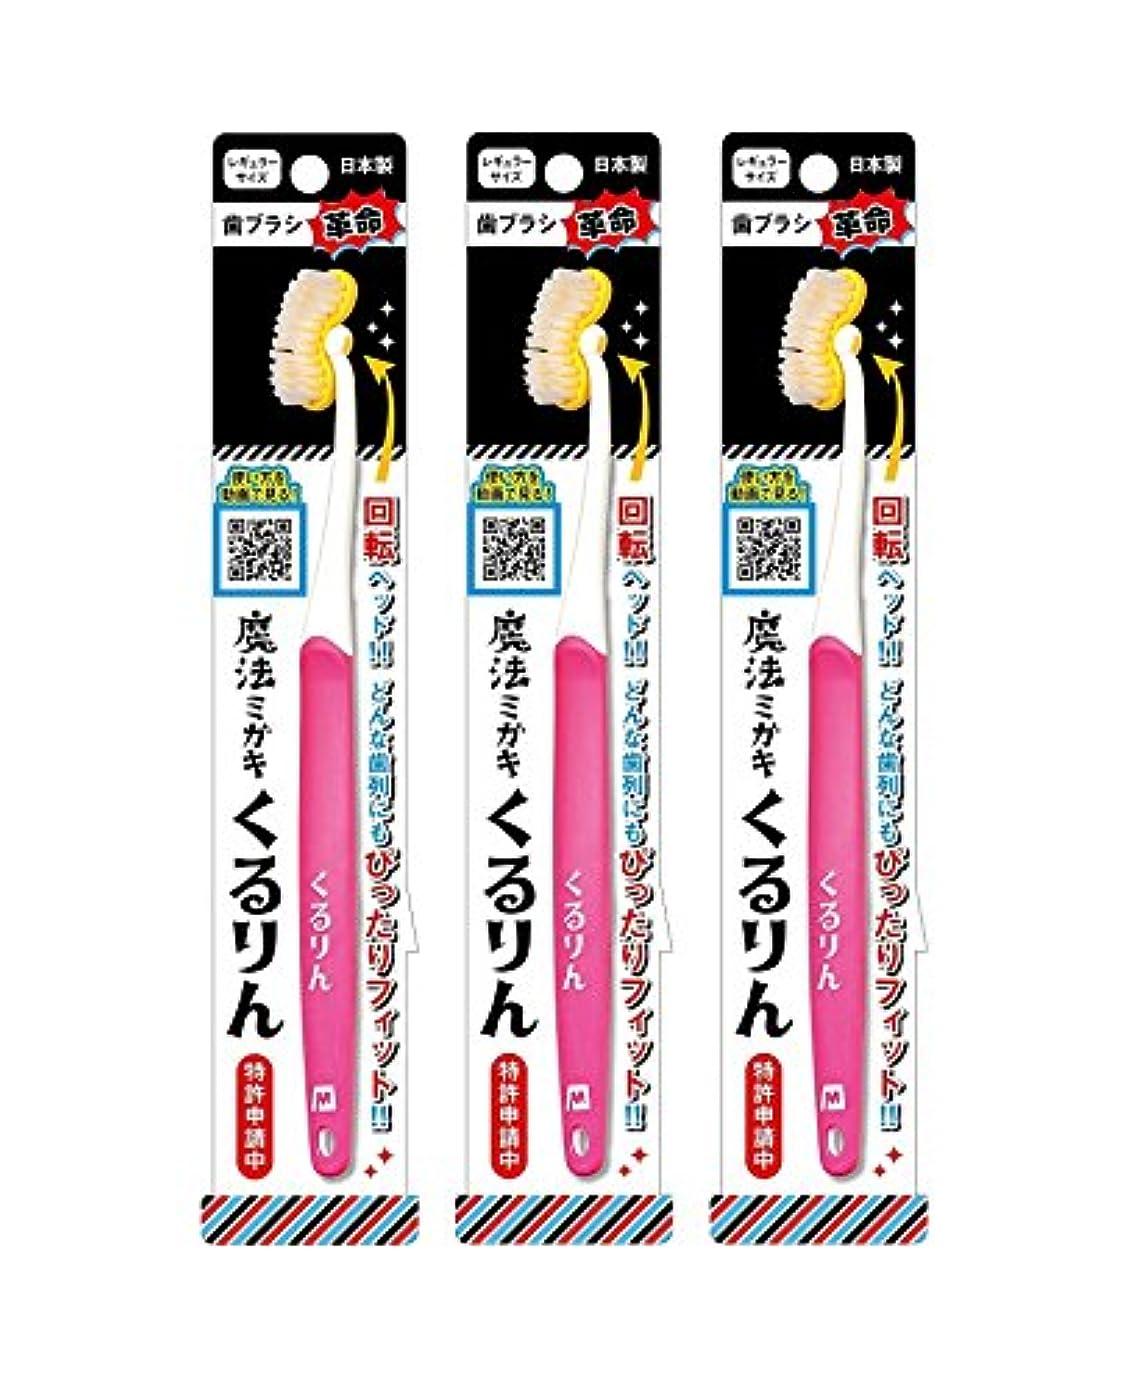 騒ぎ海里赤道歯ブラシ革命 魔法ミガキくるりん MM-150 ピンク 3本セット